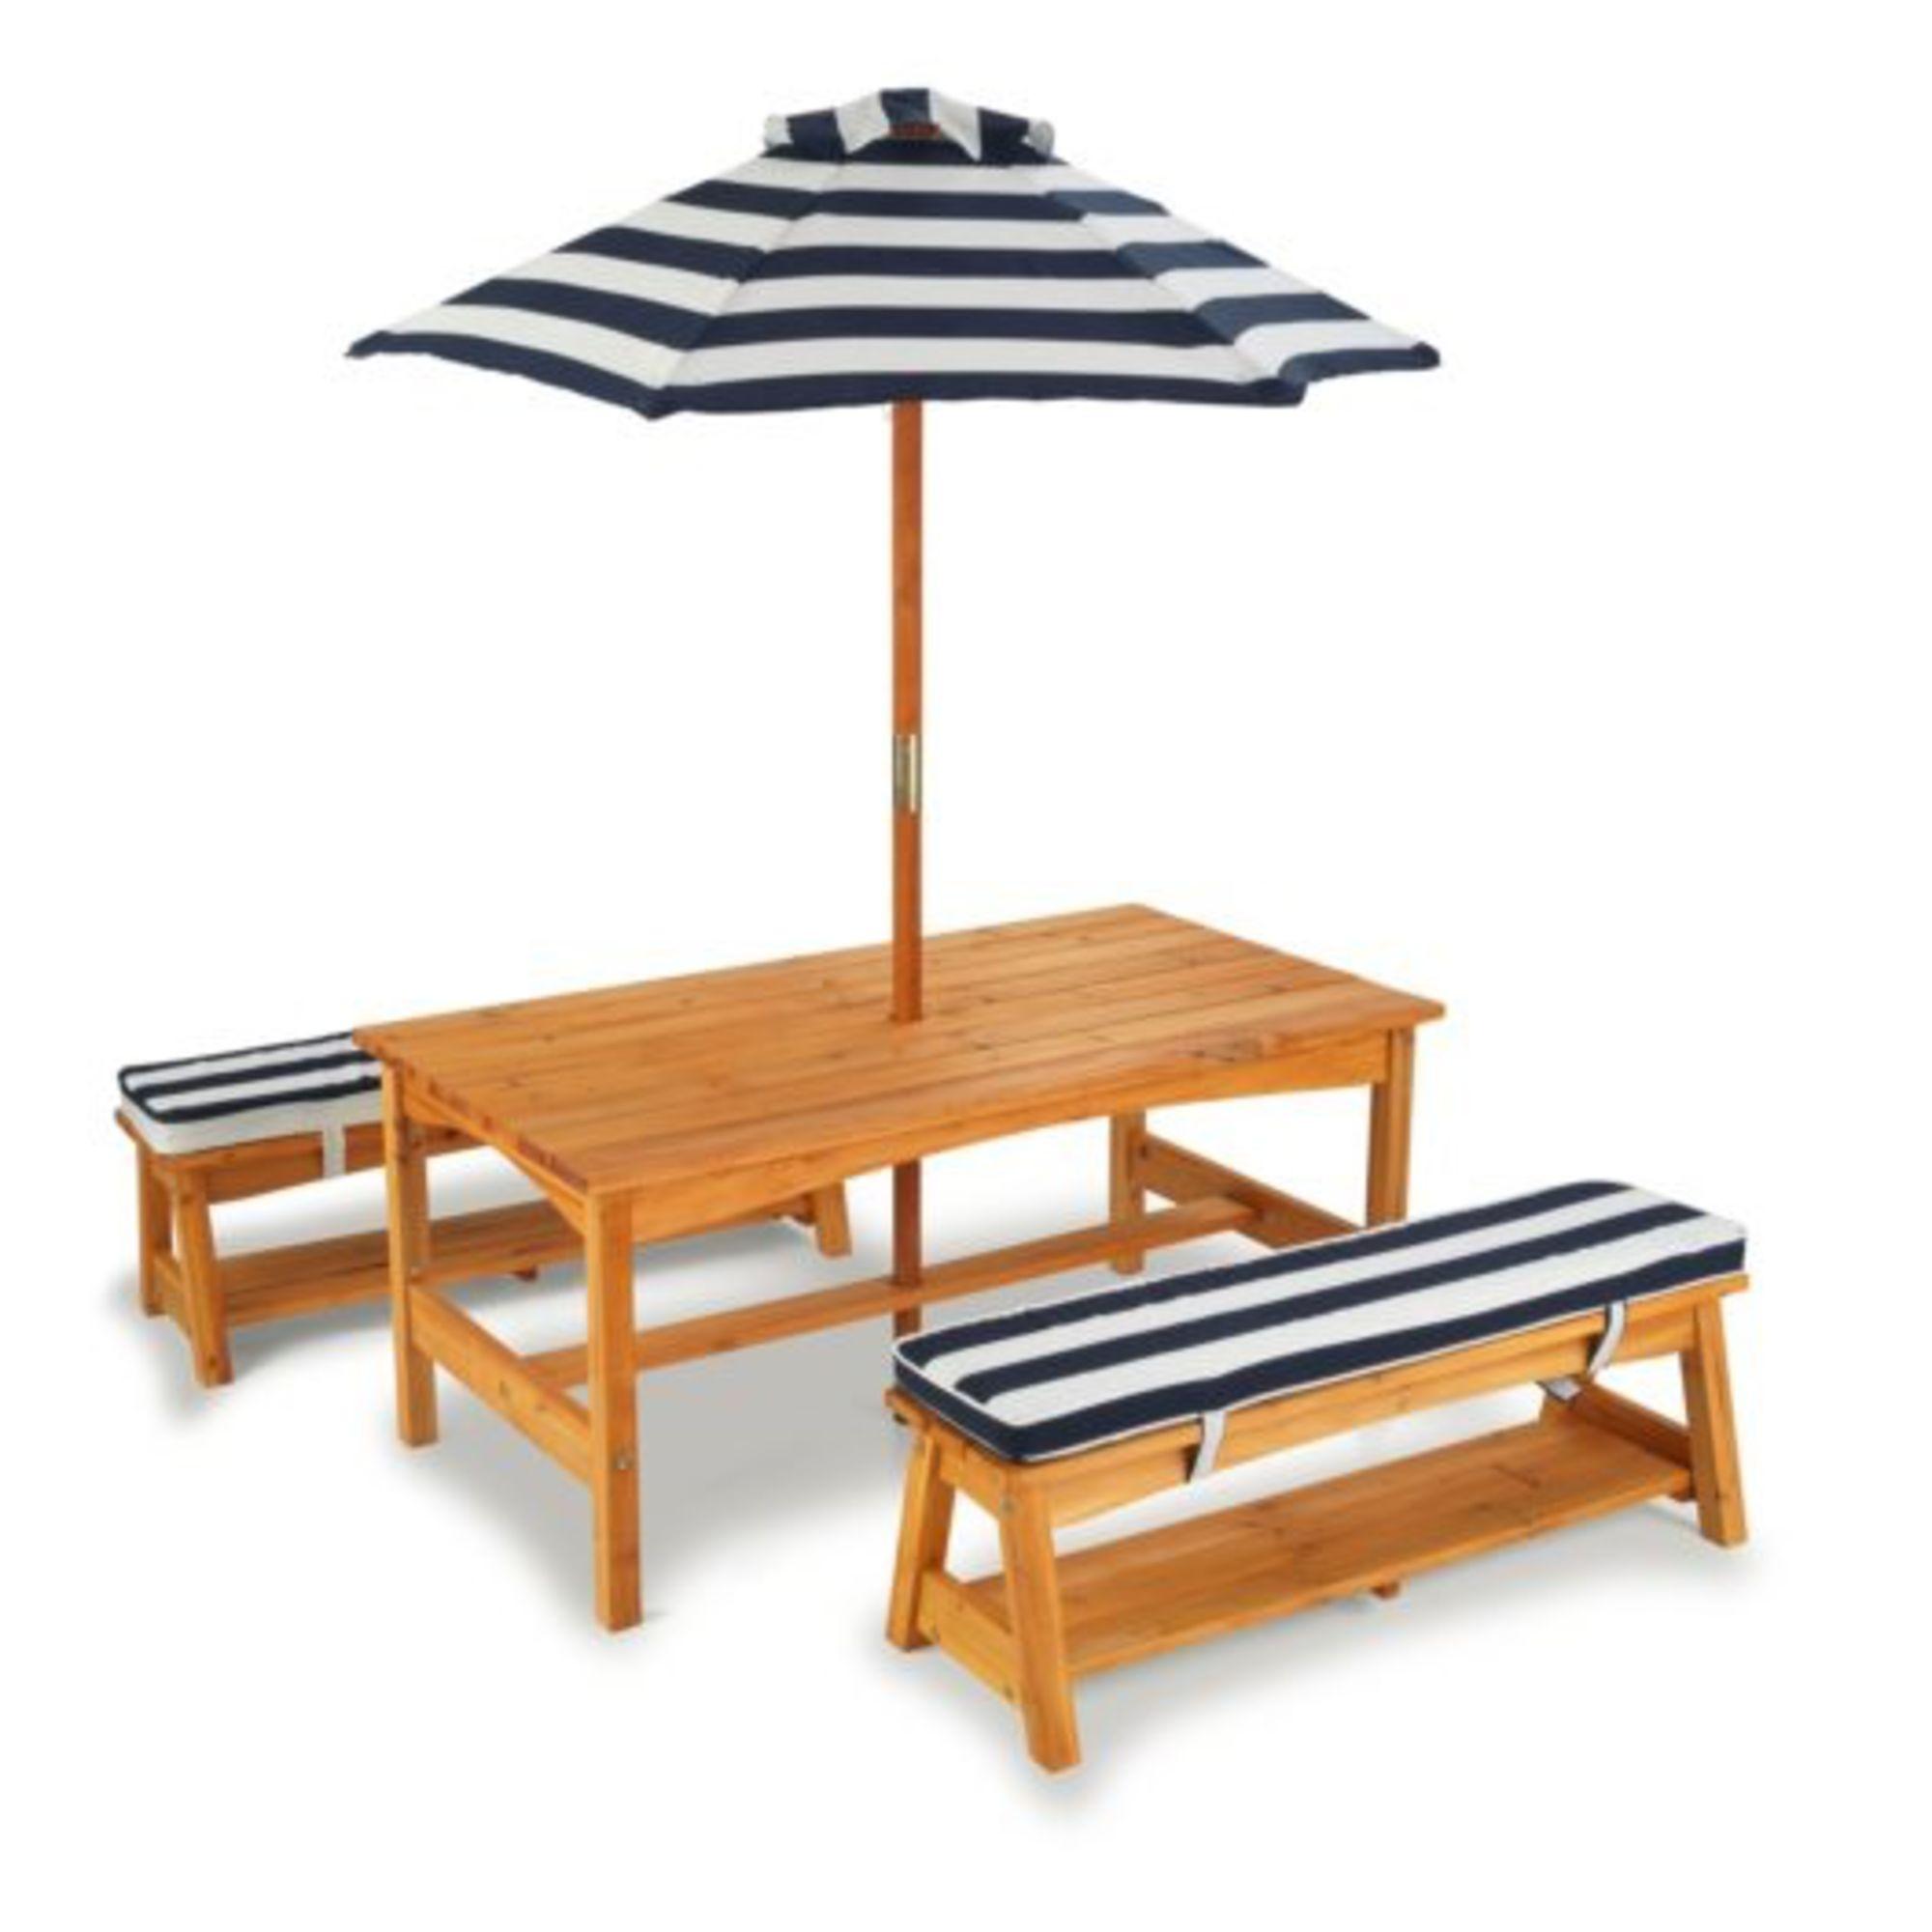 KidKraft Pöytä Penkeillä ja Aurinkovarjolla